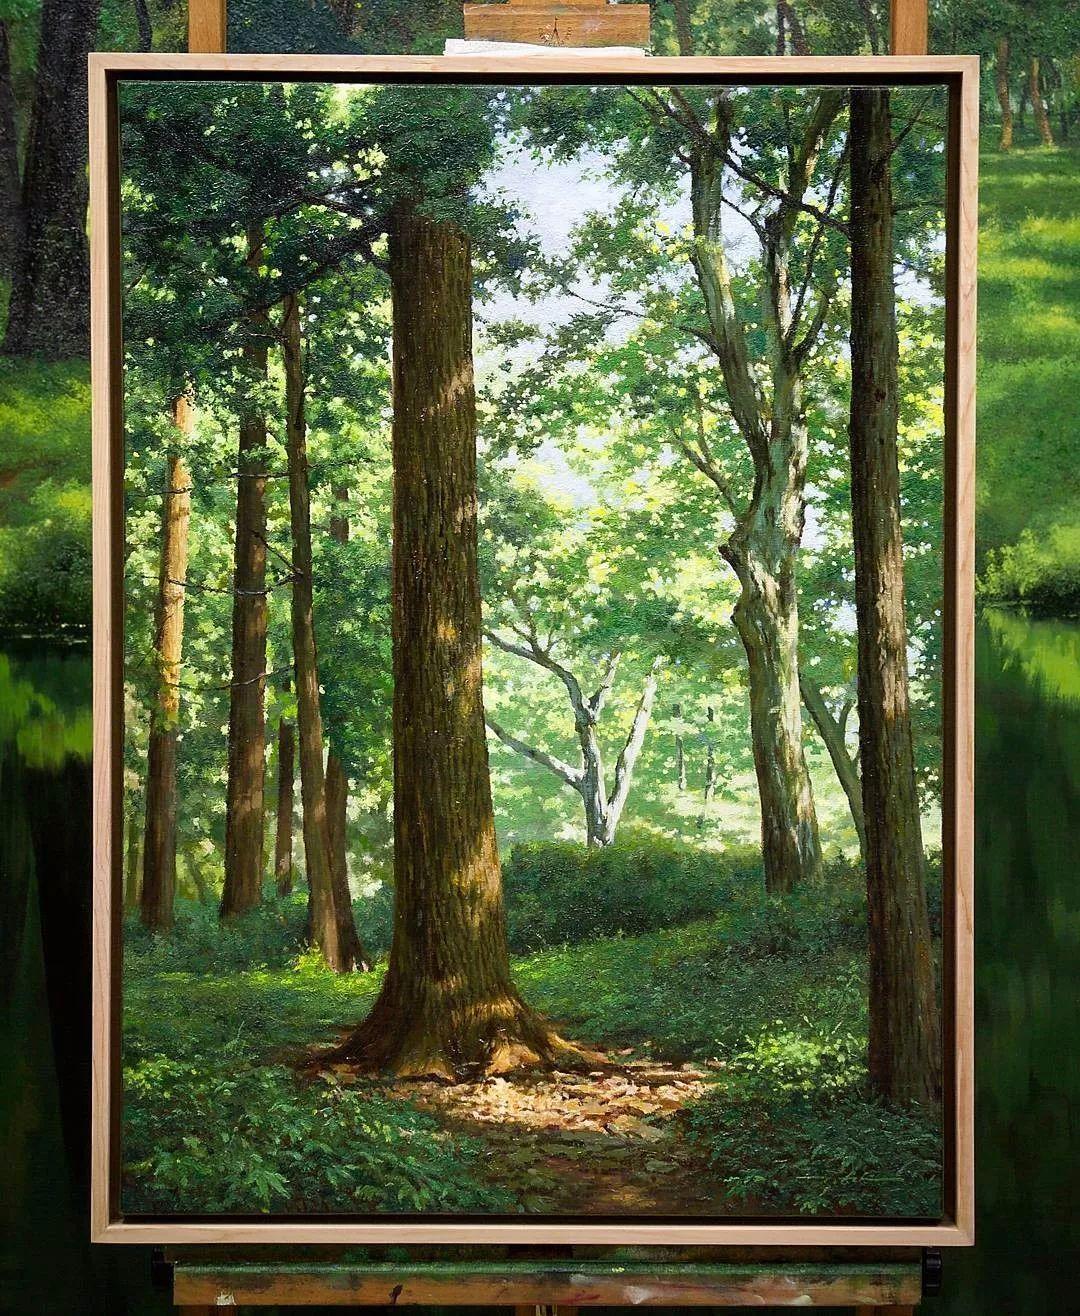 他沉迷于画树林,超逼真,看了让人身临其境!插图38